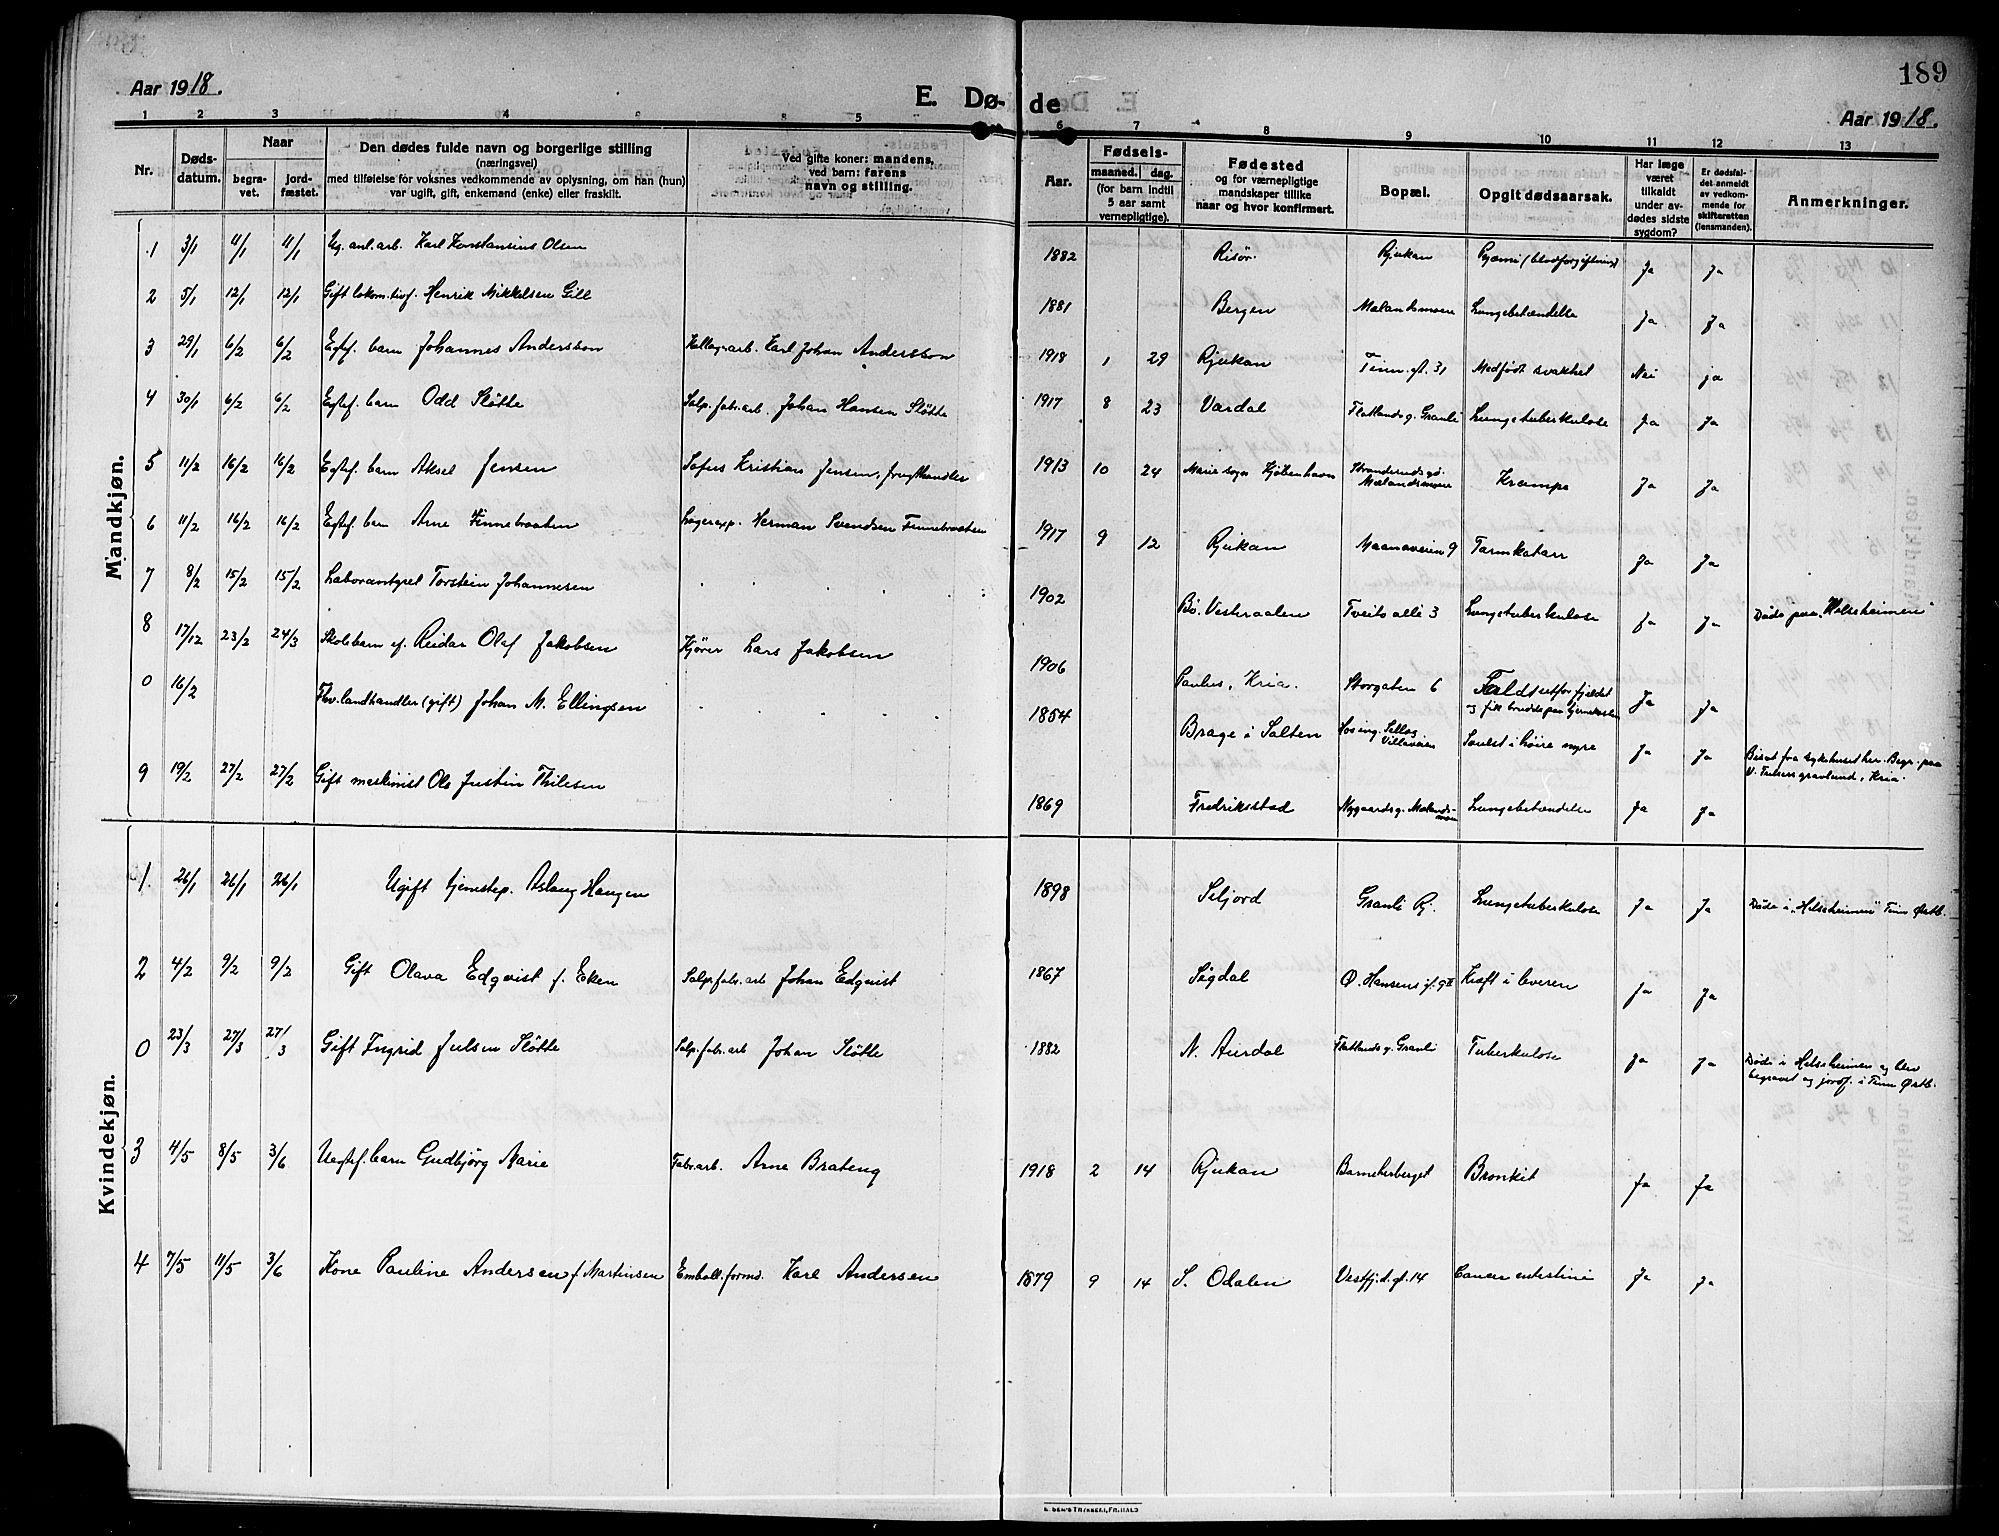 SAKO, Rjukan kirkebøker, G/Ga/L0002: Klokkerbok nr. 2, 1913-1920, s. 189